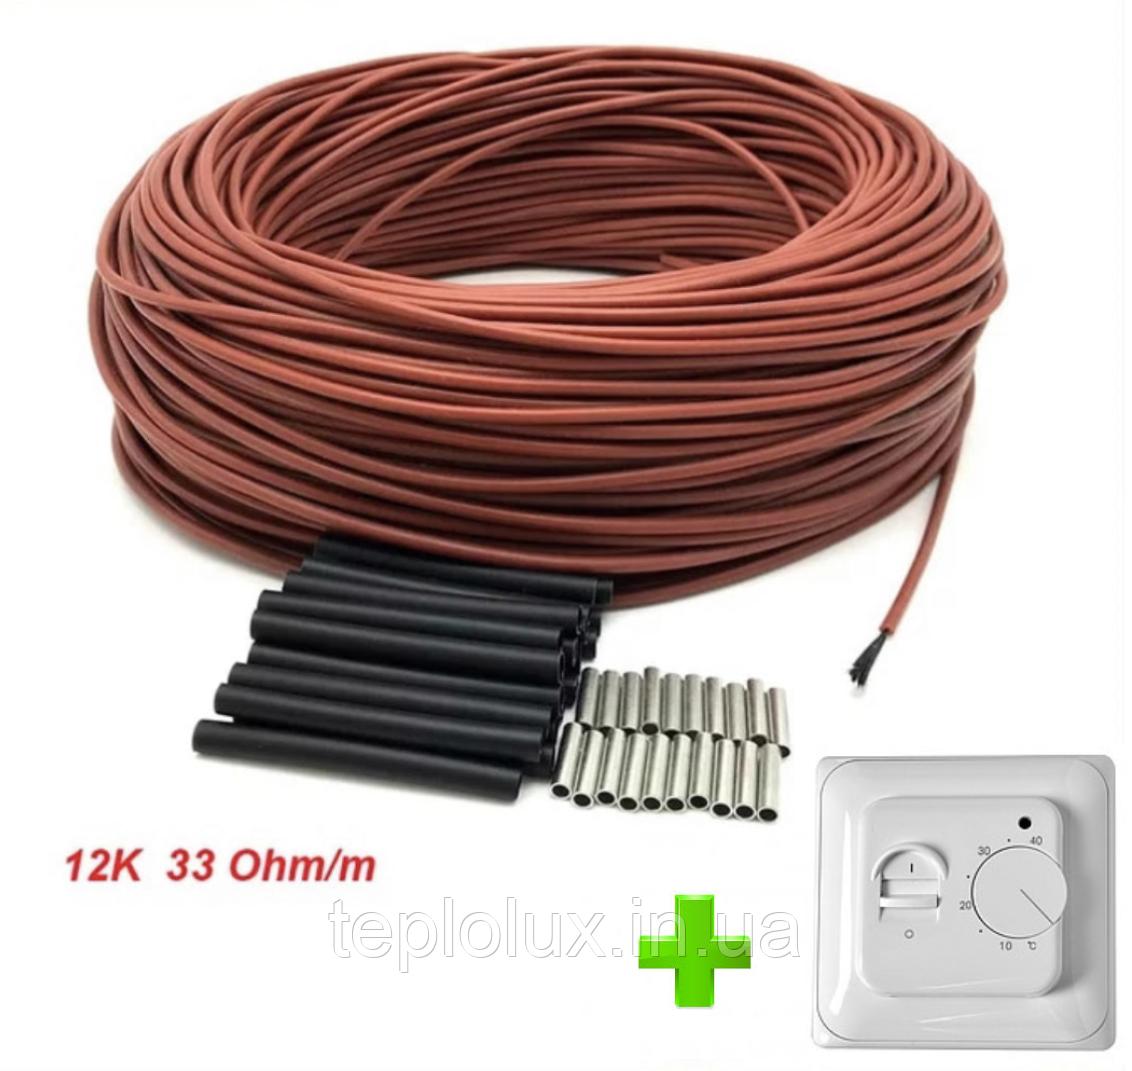 4м2. Комплект для теплого пола из нагревательного карбонового кабеля 33 ом/м 12К (40метров) с терморегулятором